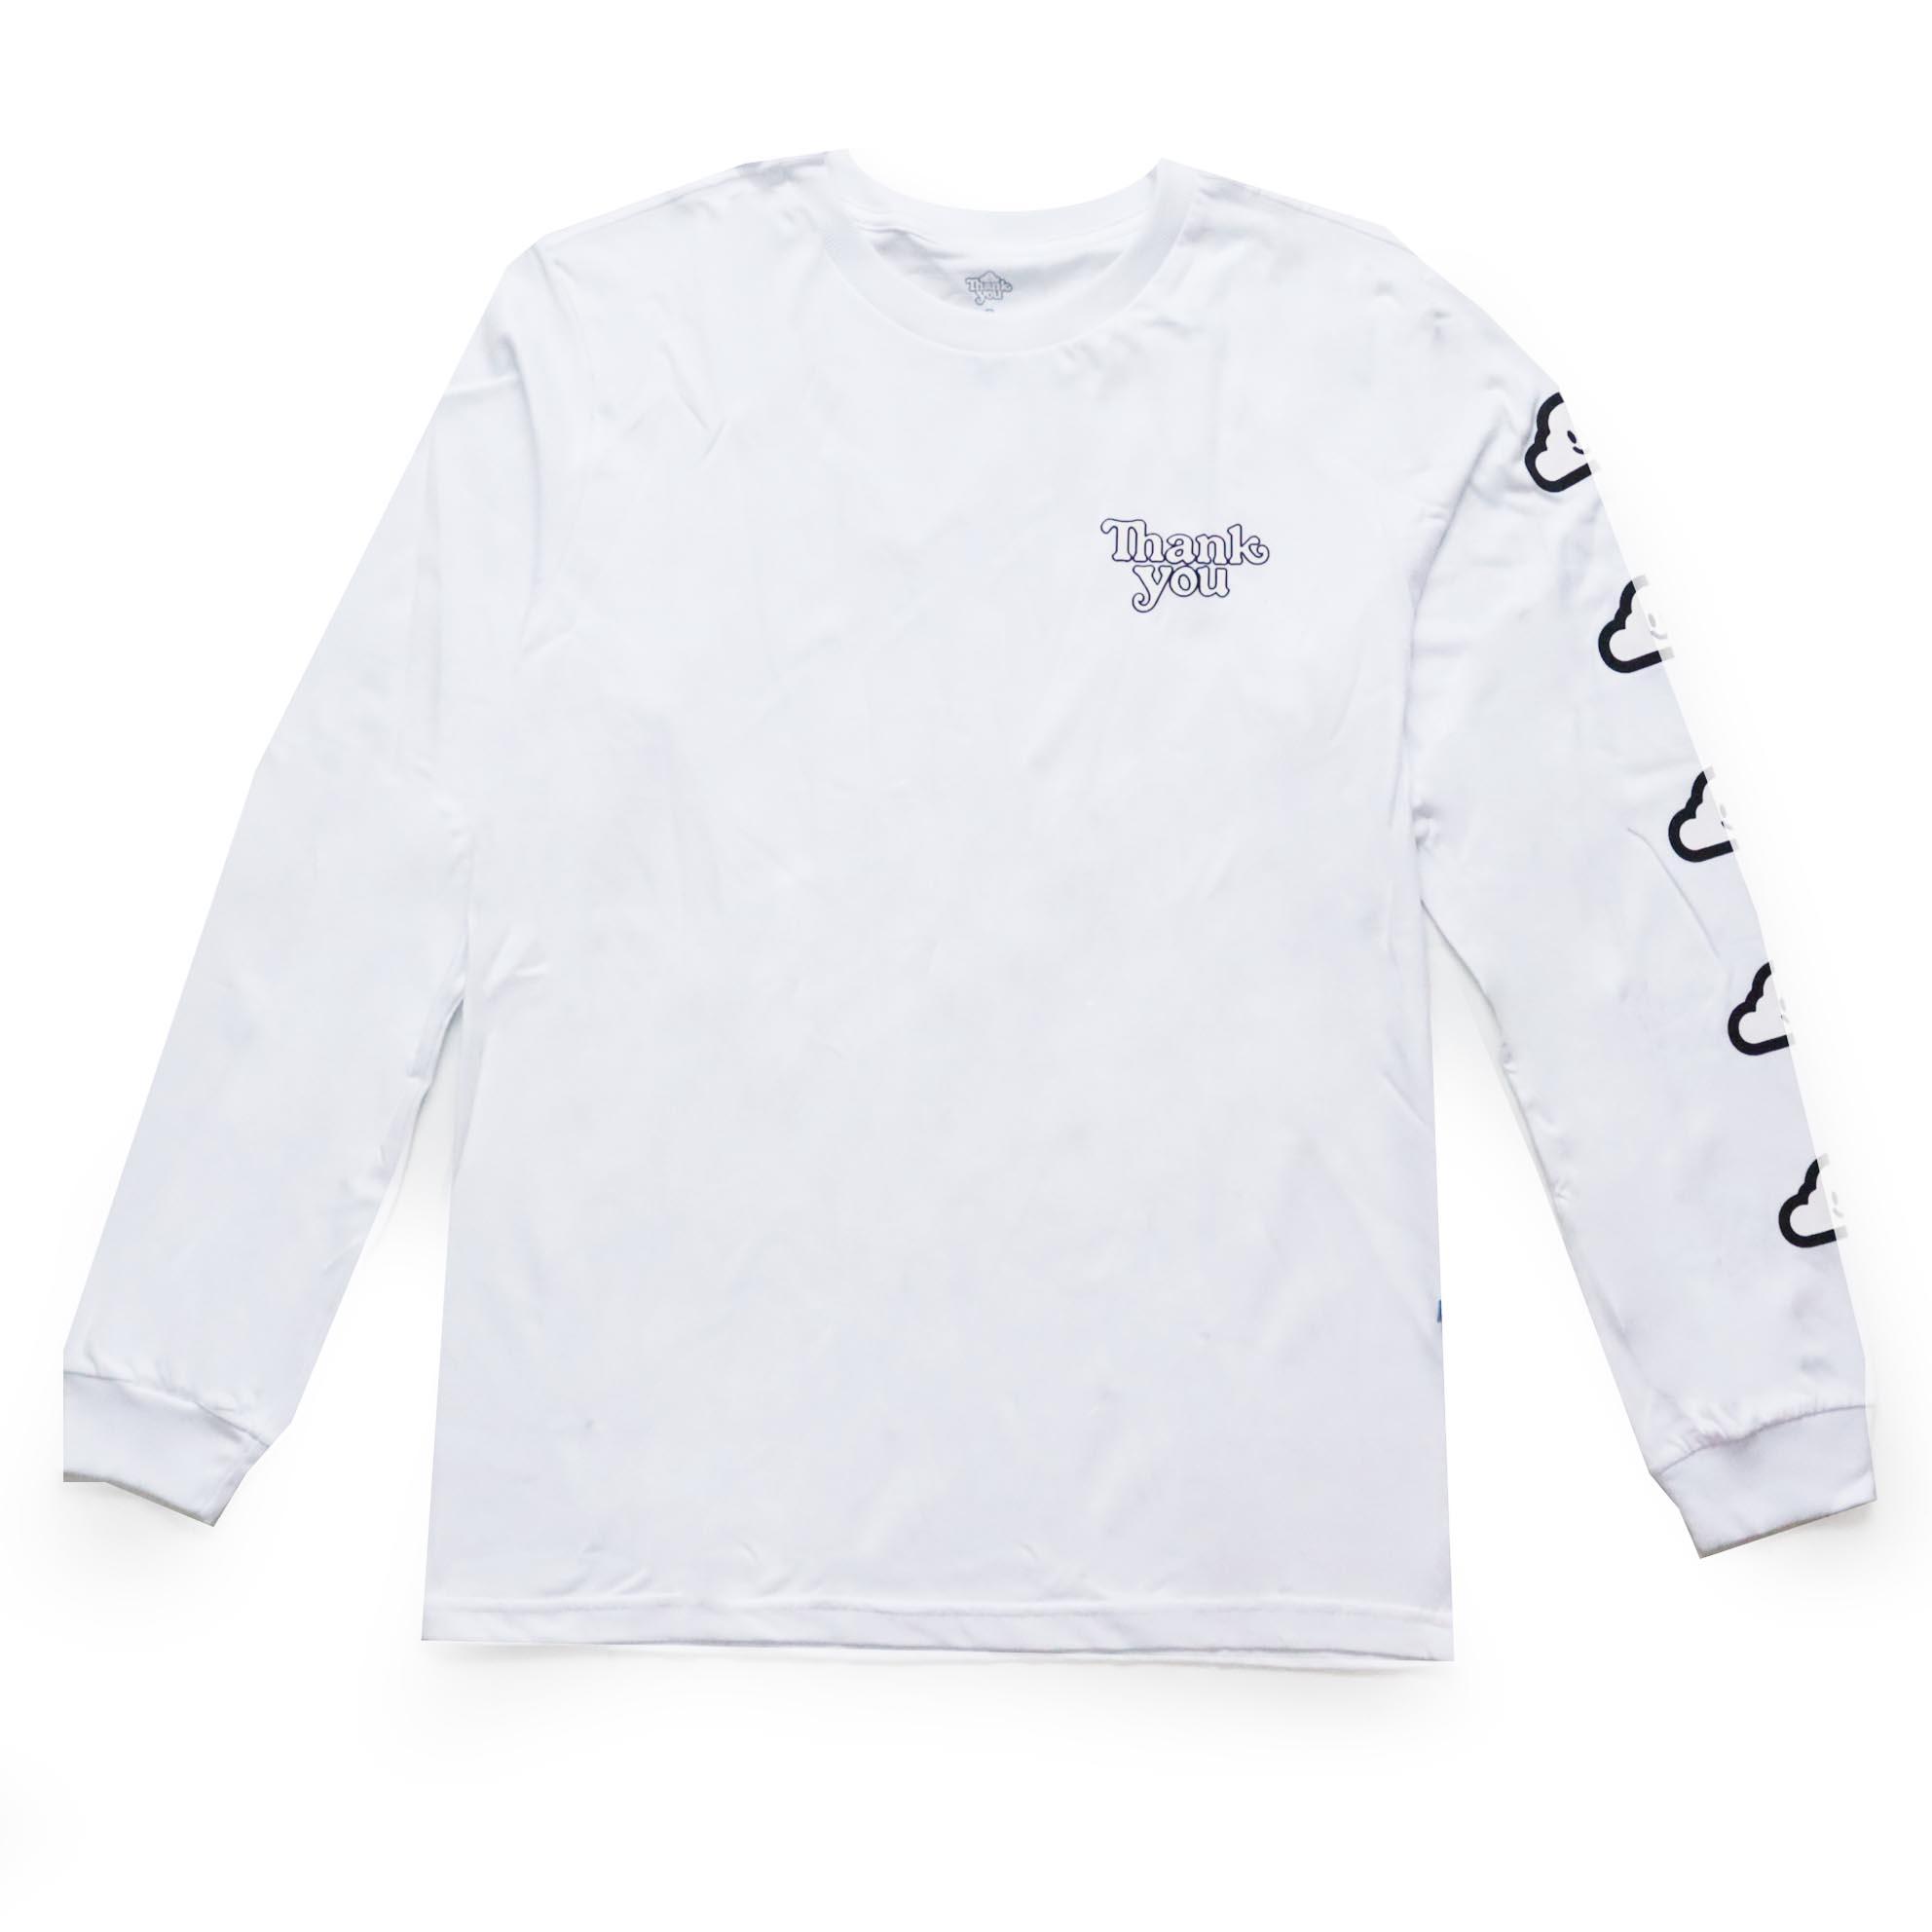 Camiseta Manga Longa Thank You Cloud - Branco